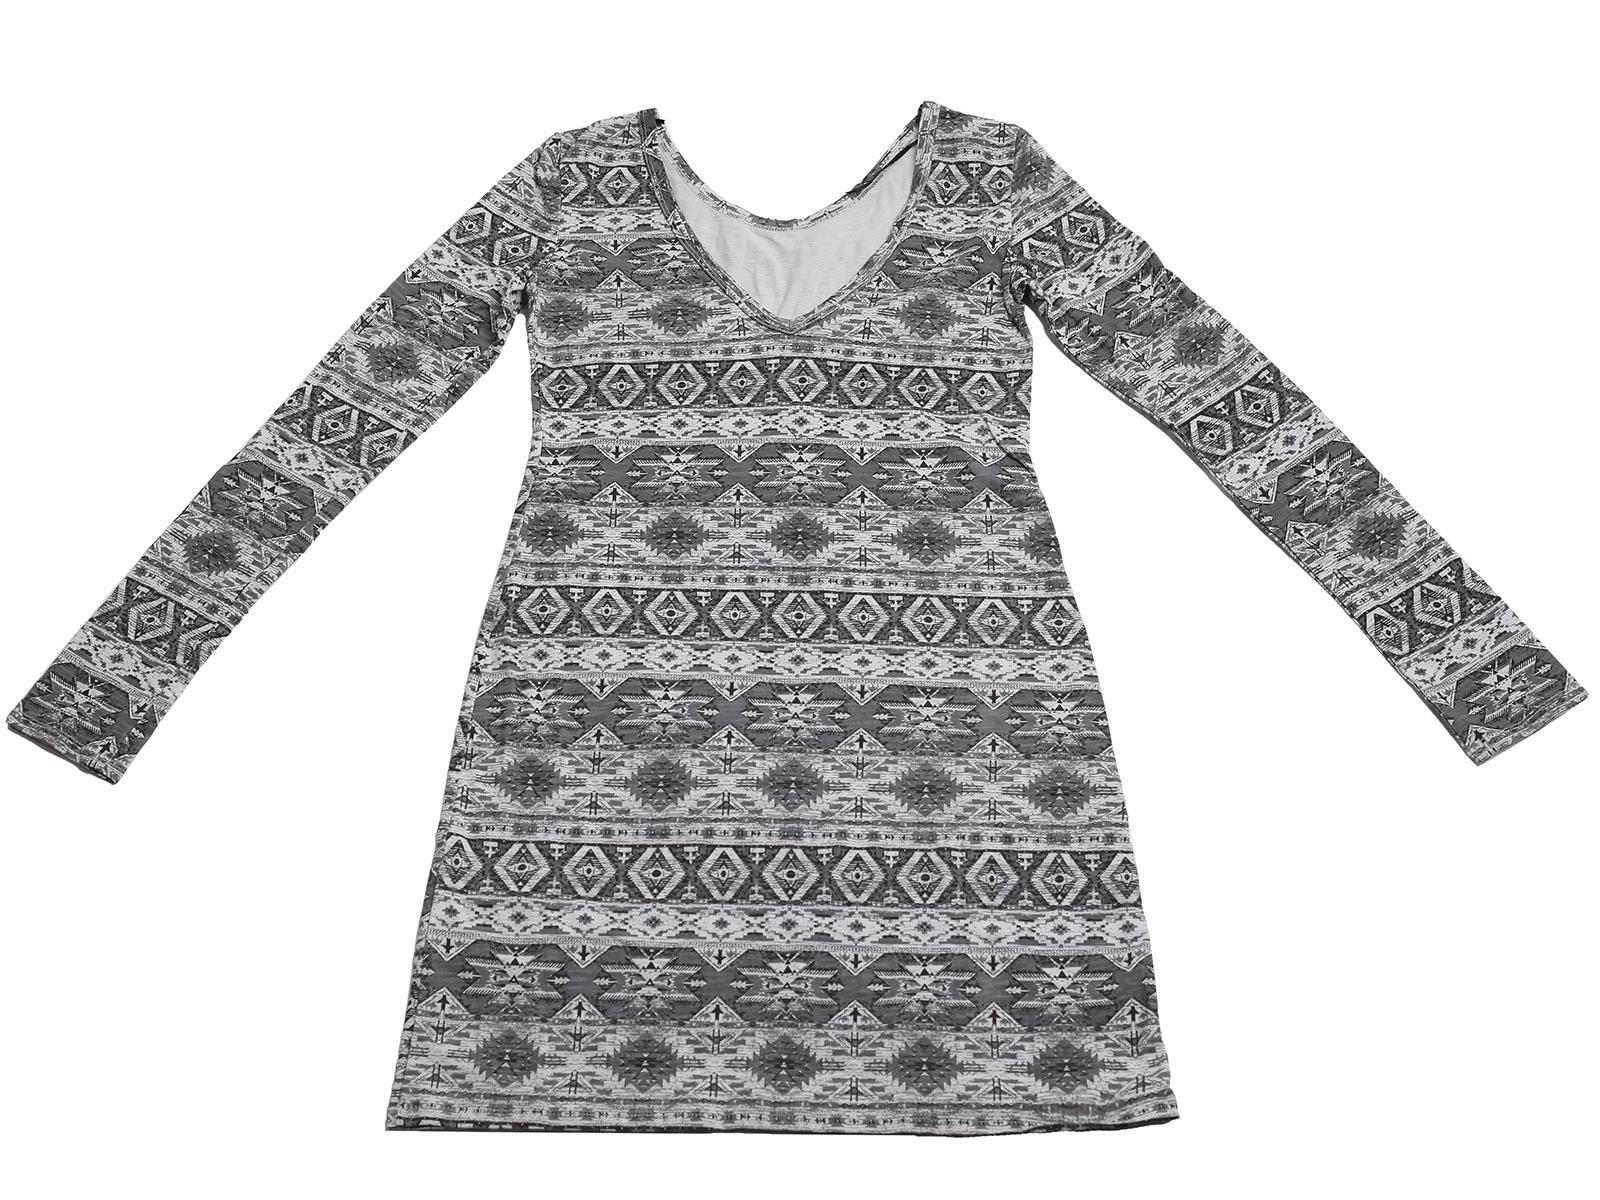 Заказать колоритное женственное платье с жаккардовым орнаментом по оптимальной цене